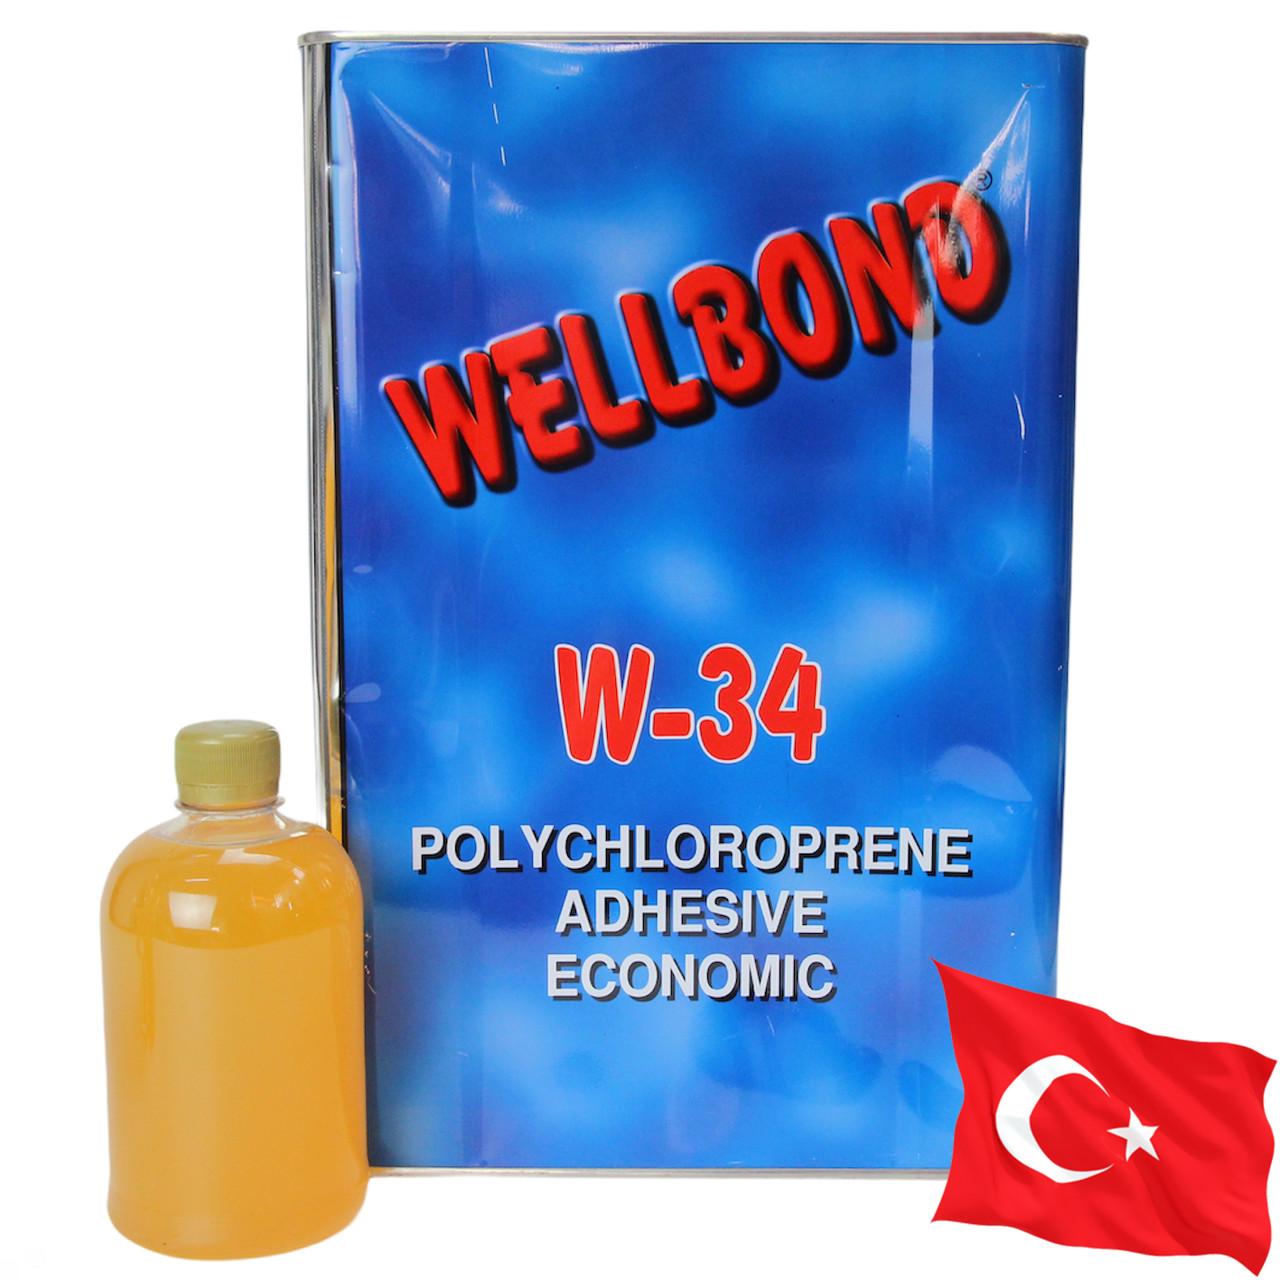 Клей wellbond w-34 (полихлоропреновый), тканей, карпета, ковролина, пластика и других покрытий, Турция 0,5л